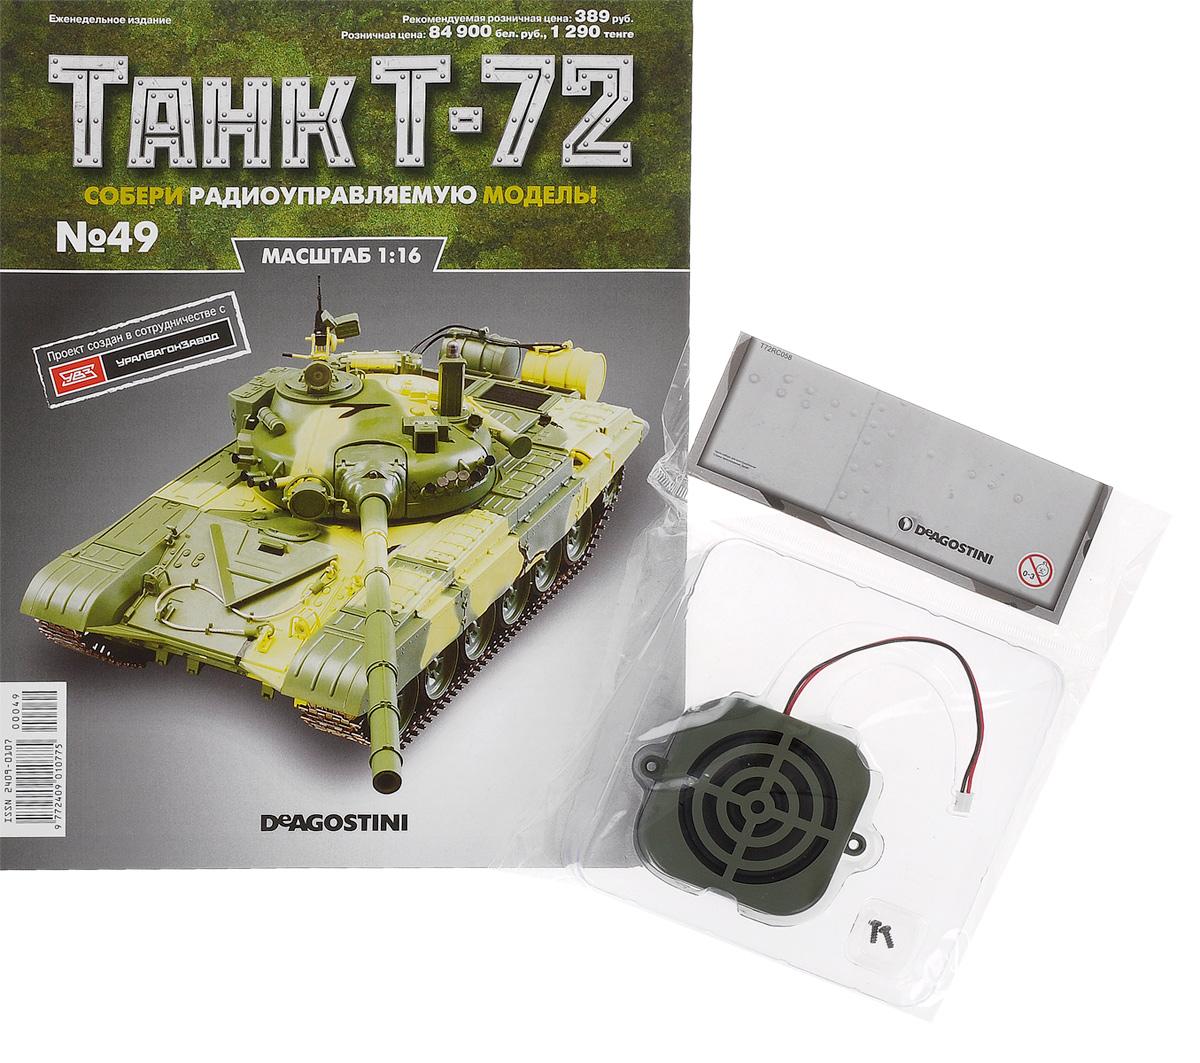 Журнал Танк Т-72 №49TRC049Перед вами - журнал из уникальной серии партворков Танк Т-72 с увлекательной информацией о легендарных боевых машинах и элементами для сборки копии танка Т-72 в уменьшенном варианте 1:16. У вас есть возможность собственноручно создать высококачественную модель этого знаменитого танка с достоверным воспроизведением всех элементов, сохранением функций подлинной боевой машины и дистанционным управлением. В комплект с номером входят динамик и винты. Категория 16+.